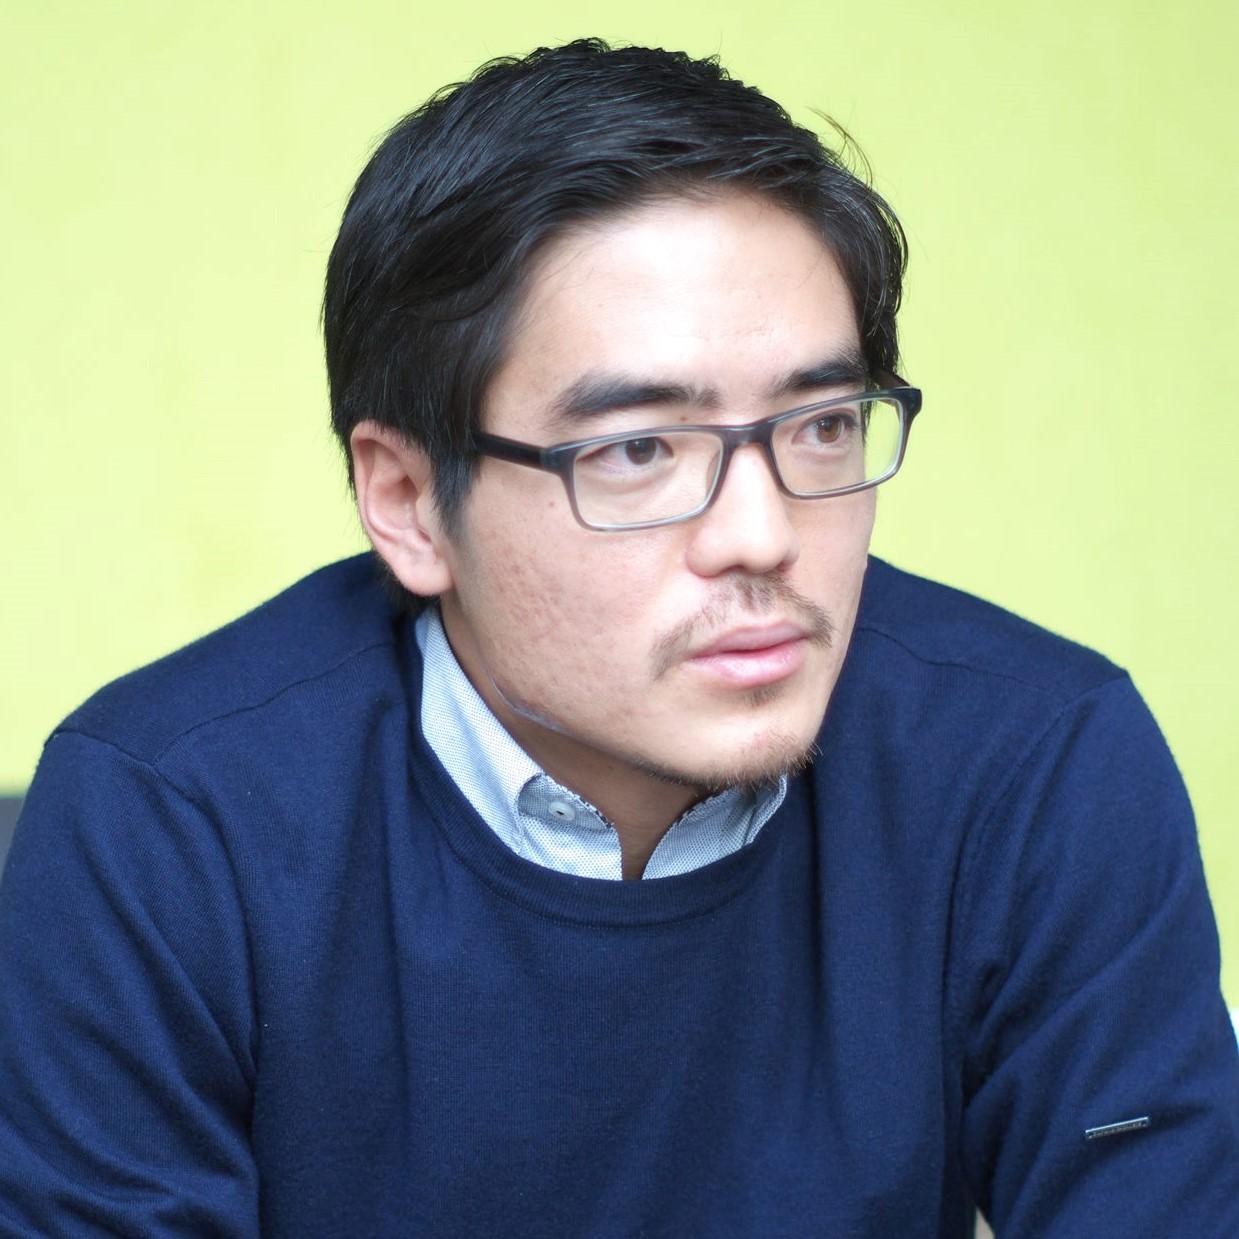 Shin Furuno